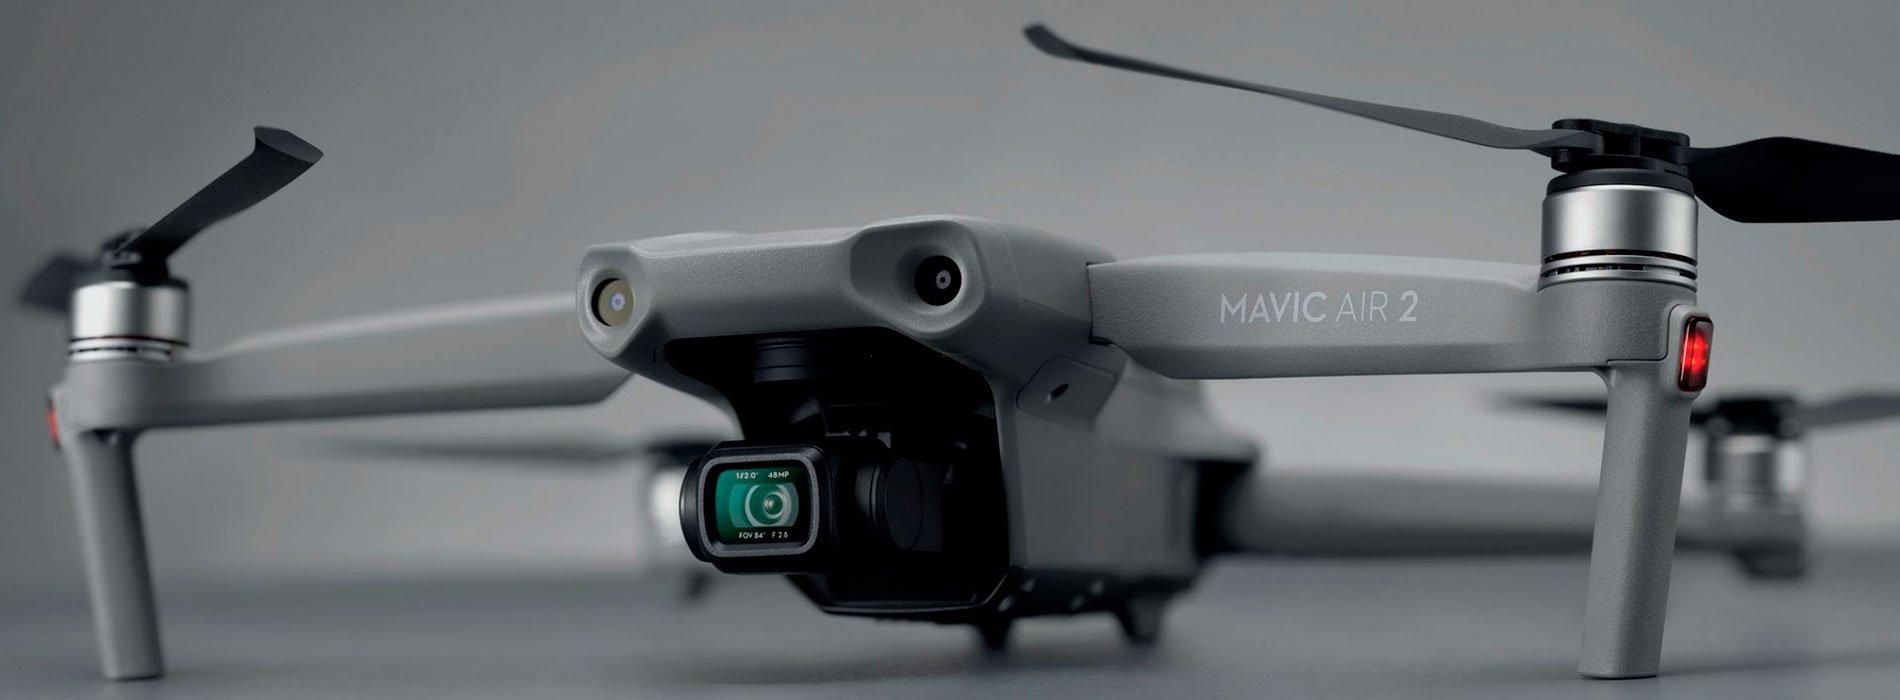 DJI Mavic Air 2 é lançado por $799 dólares - 4K 60FPS, 10Km, 34 minutos de voo e muito mais